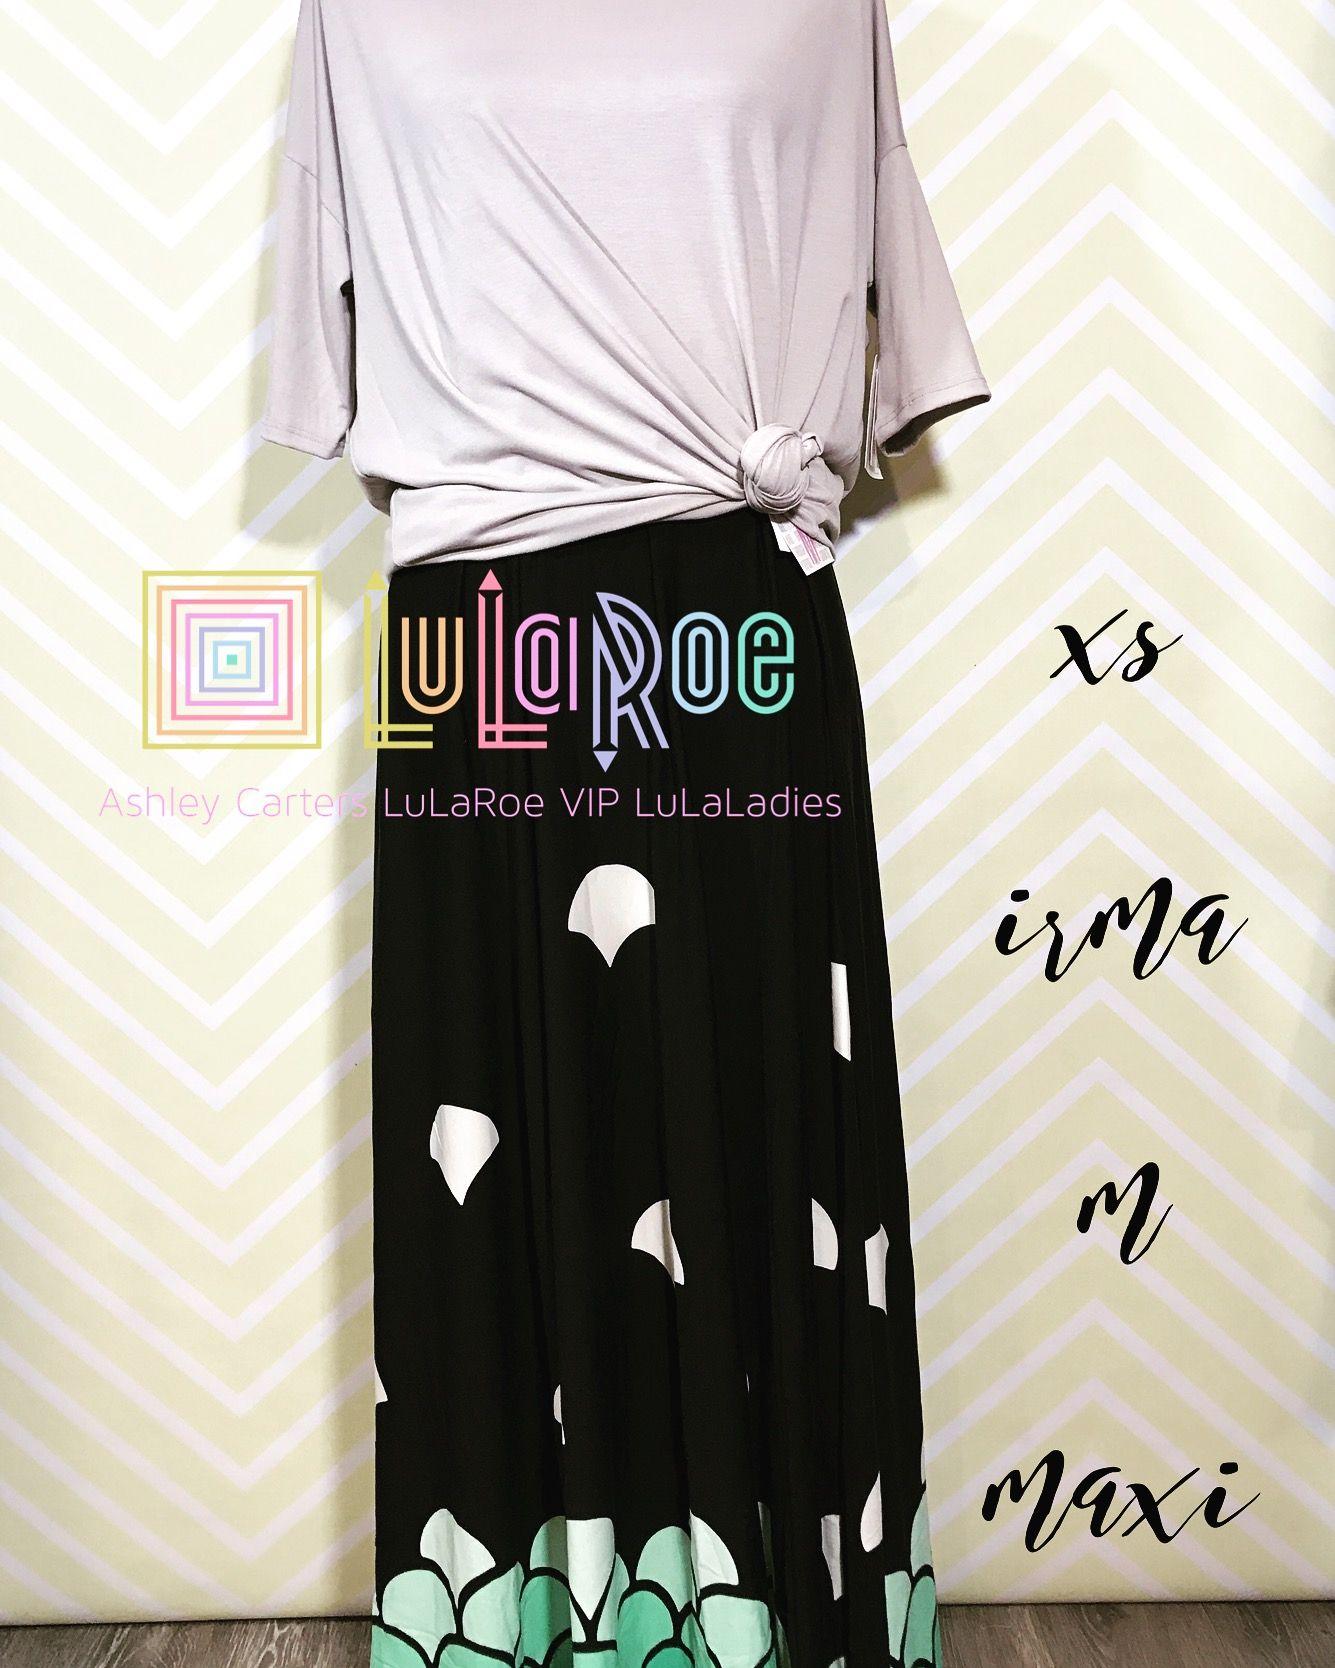 c861beb2a4 lularoe mermaid maxi skirt! | Styled LuLaRoe Clothing Outfits ...